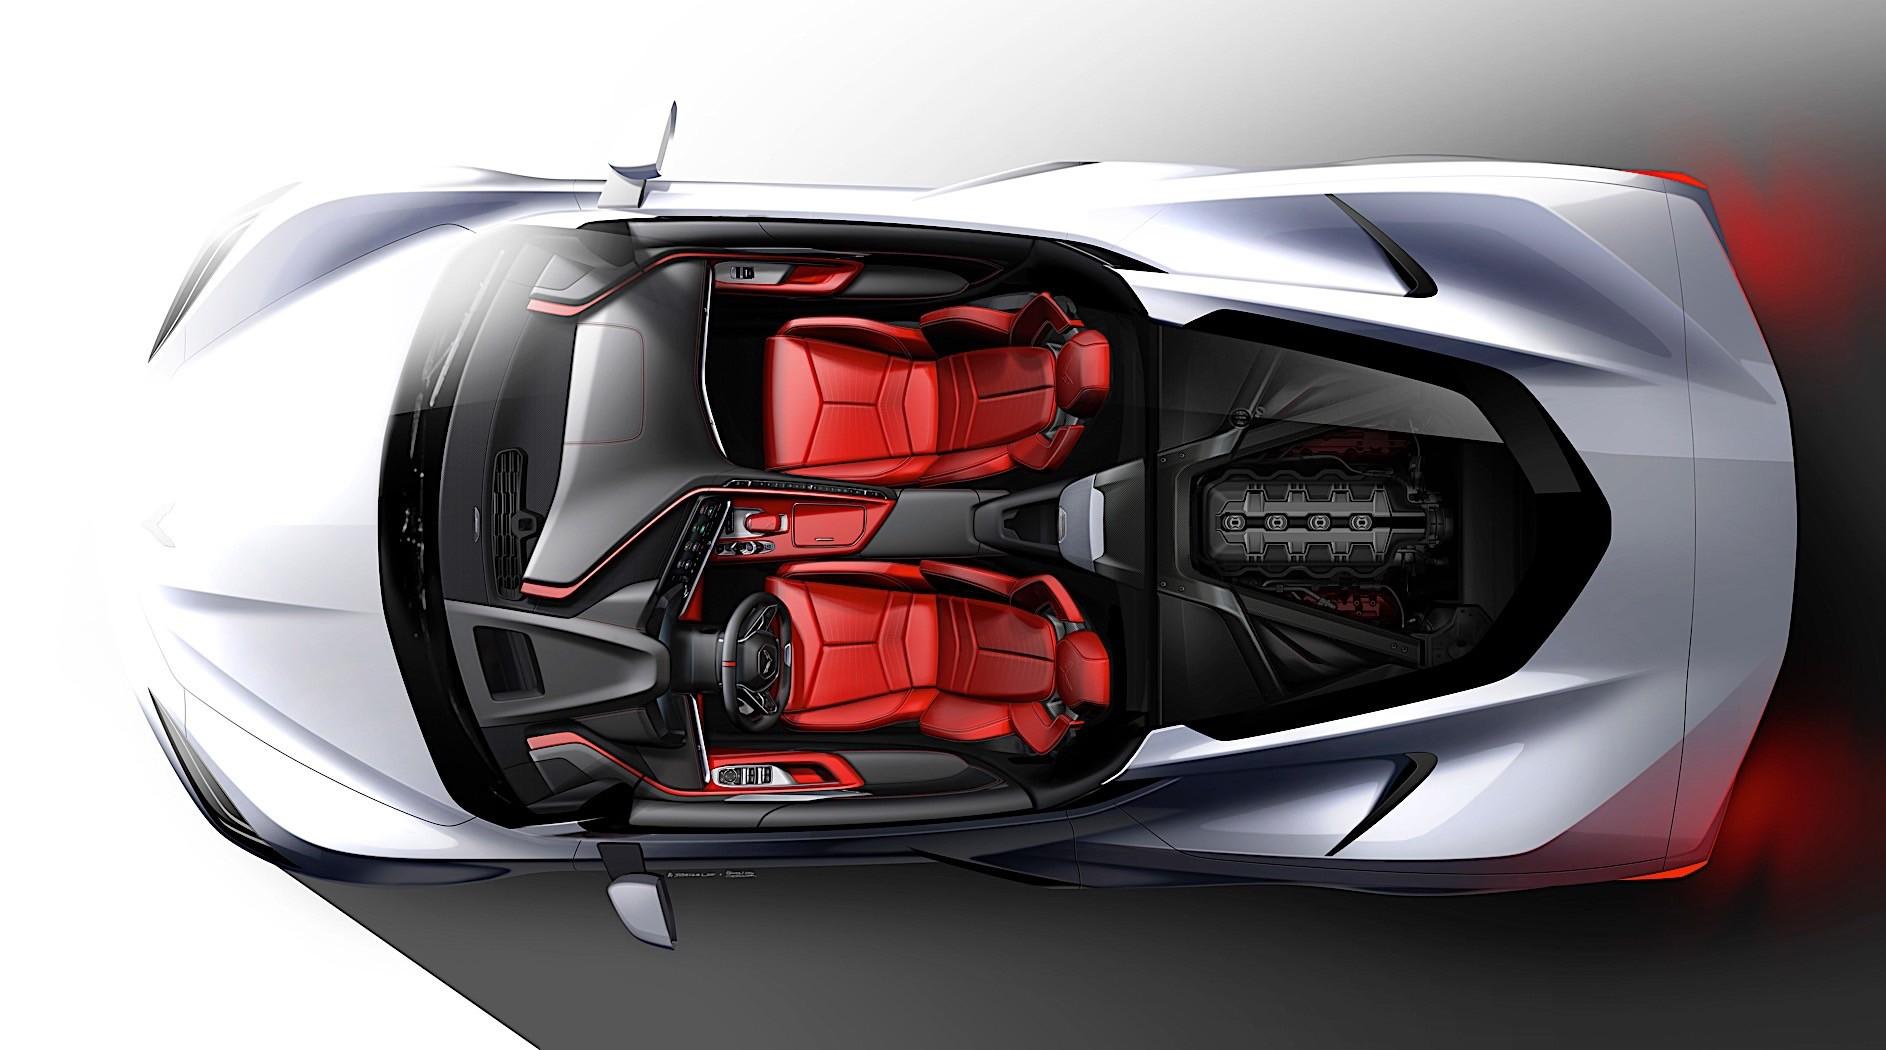 2020 Chevrolet Corvette C8 Z06 Rendered, Has Sculpted ...